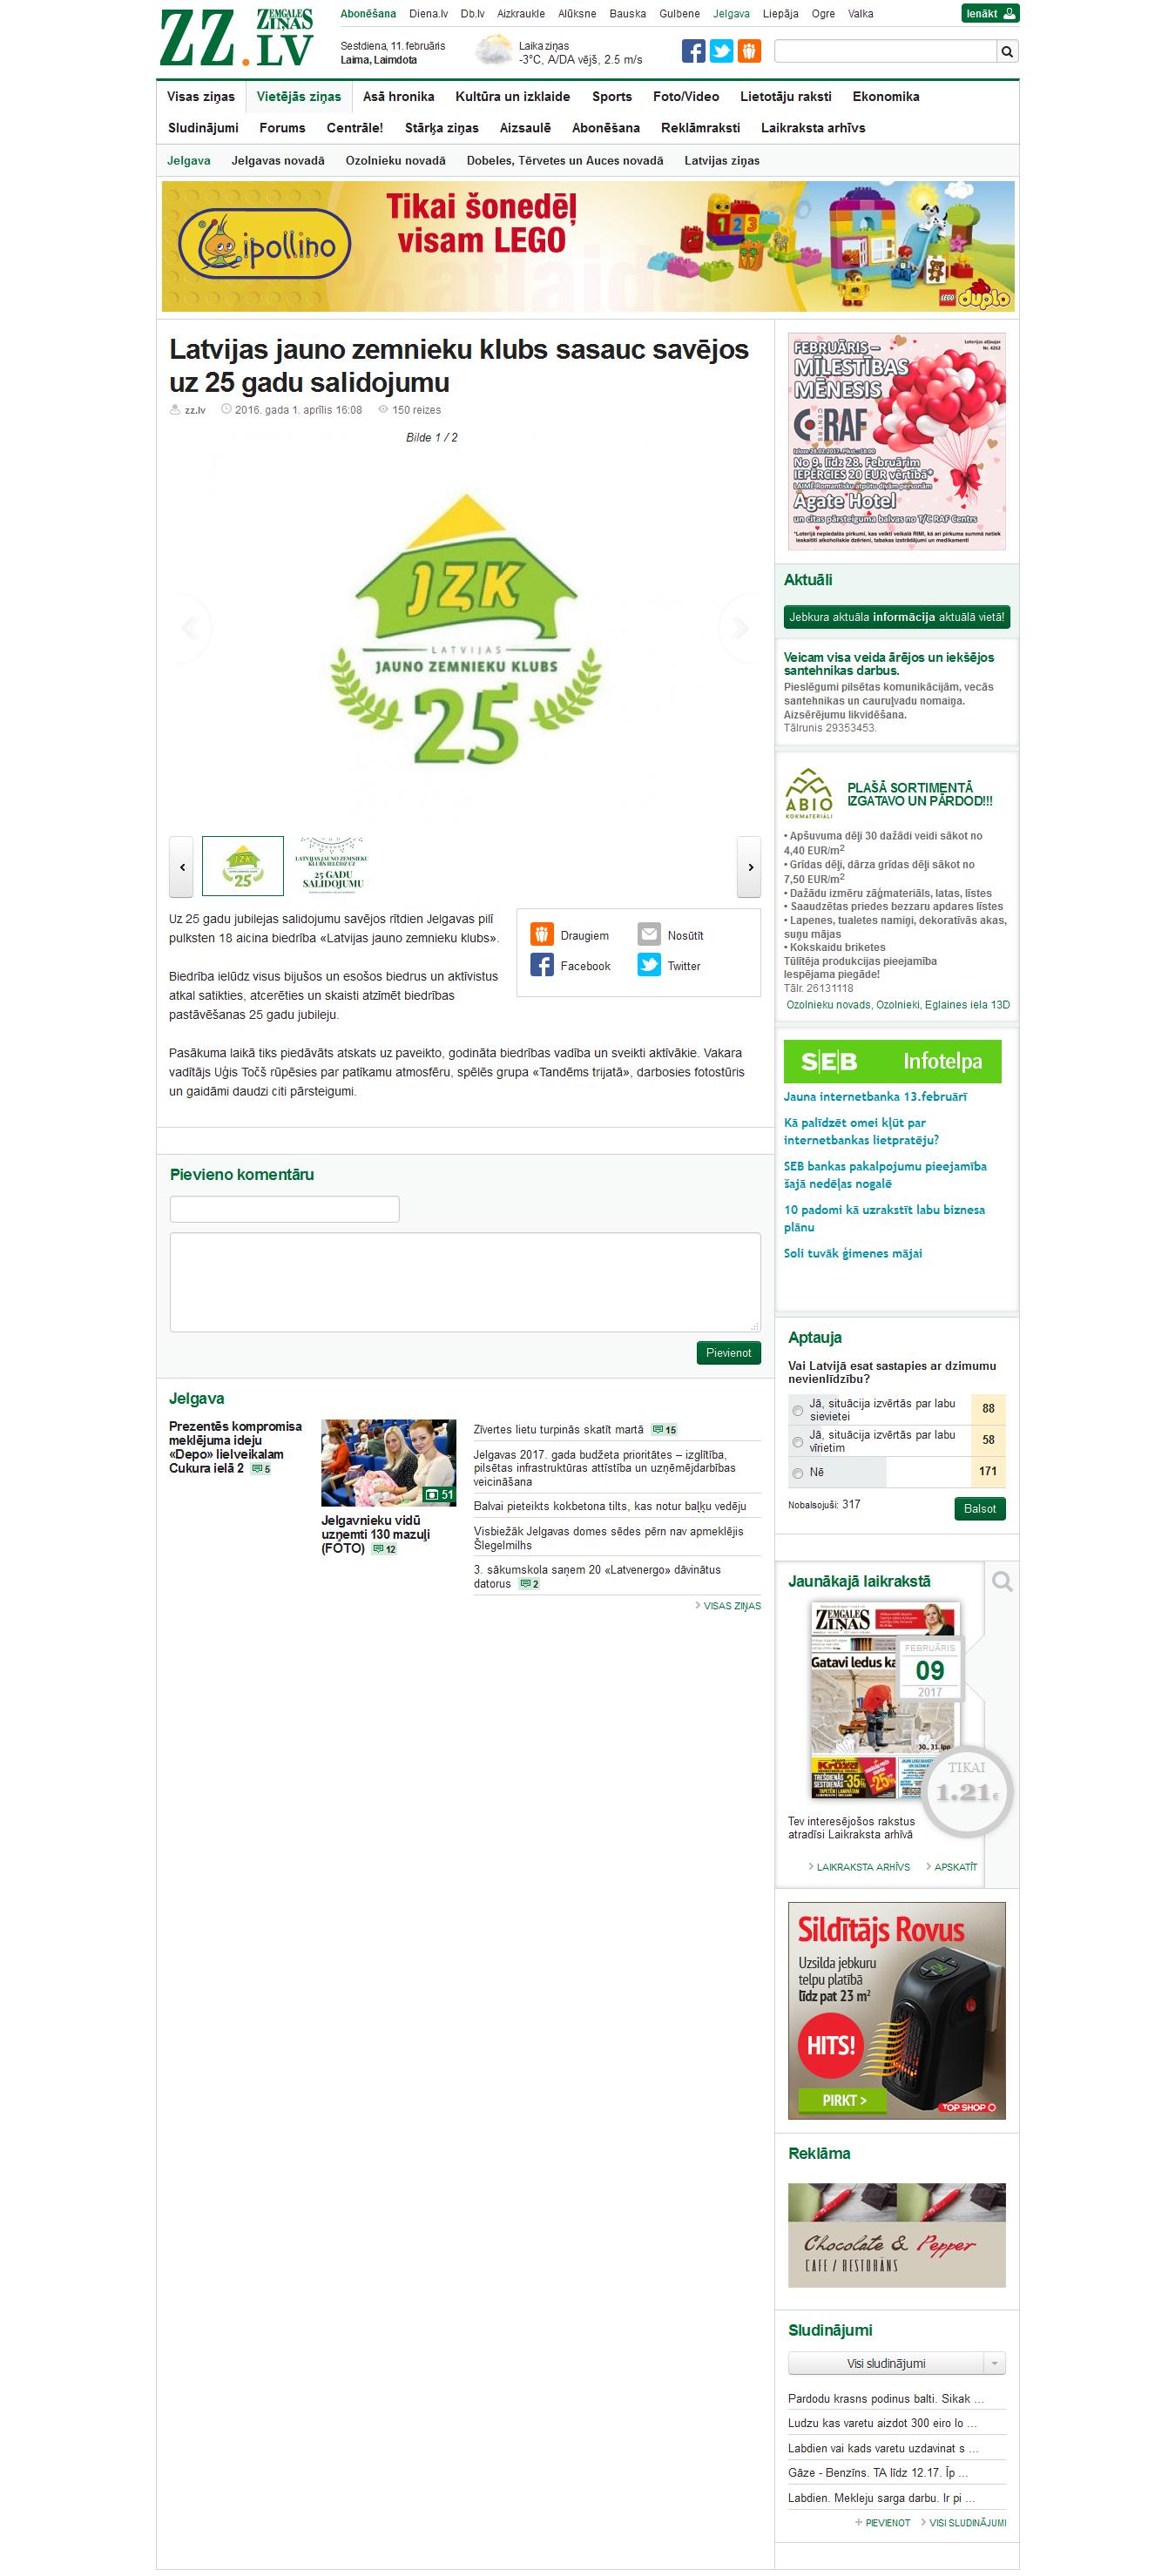 Latvijas jauno zemnieku klubs sasauc savējos uz 25 gadu salidojumu http://www.zz.lv/vietejas-zinas/jelgava/latvijas-jauno-zemnieku-klubs-sasauc-savejos-uz-25-gadu-salidojumu-214498